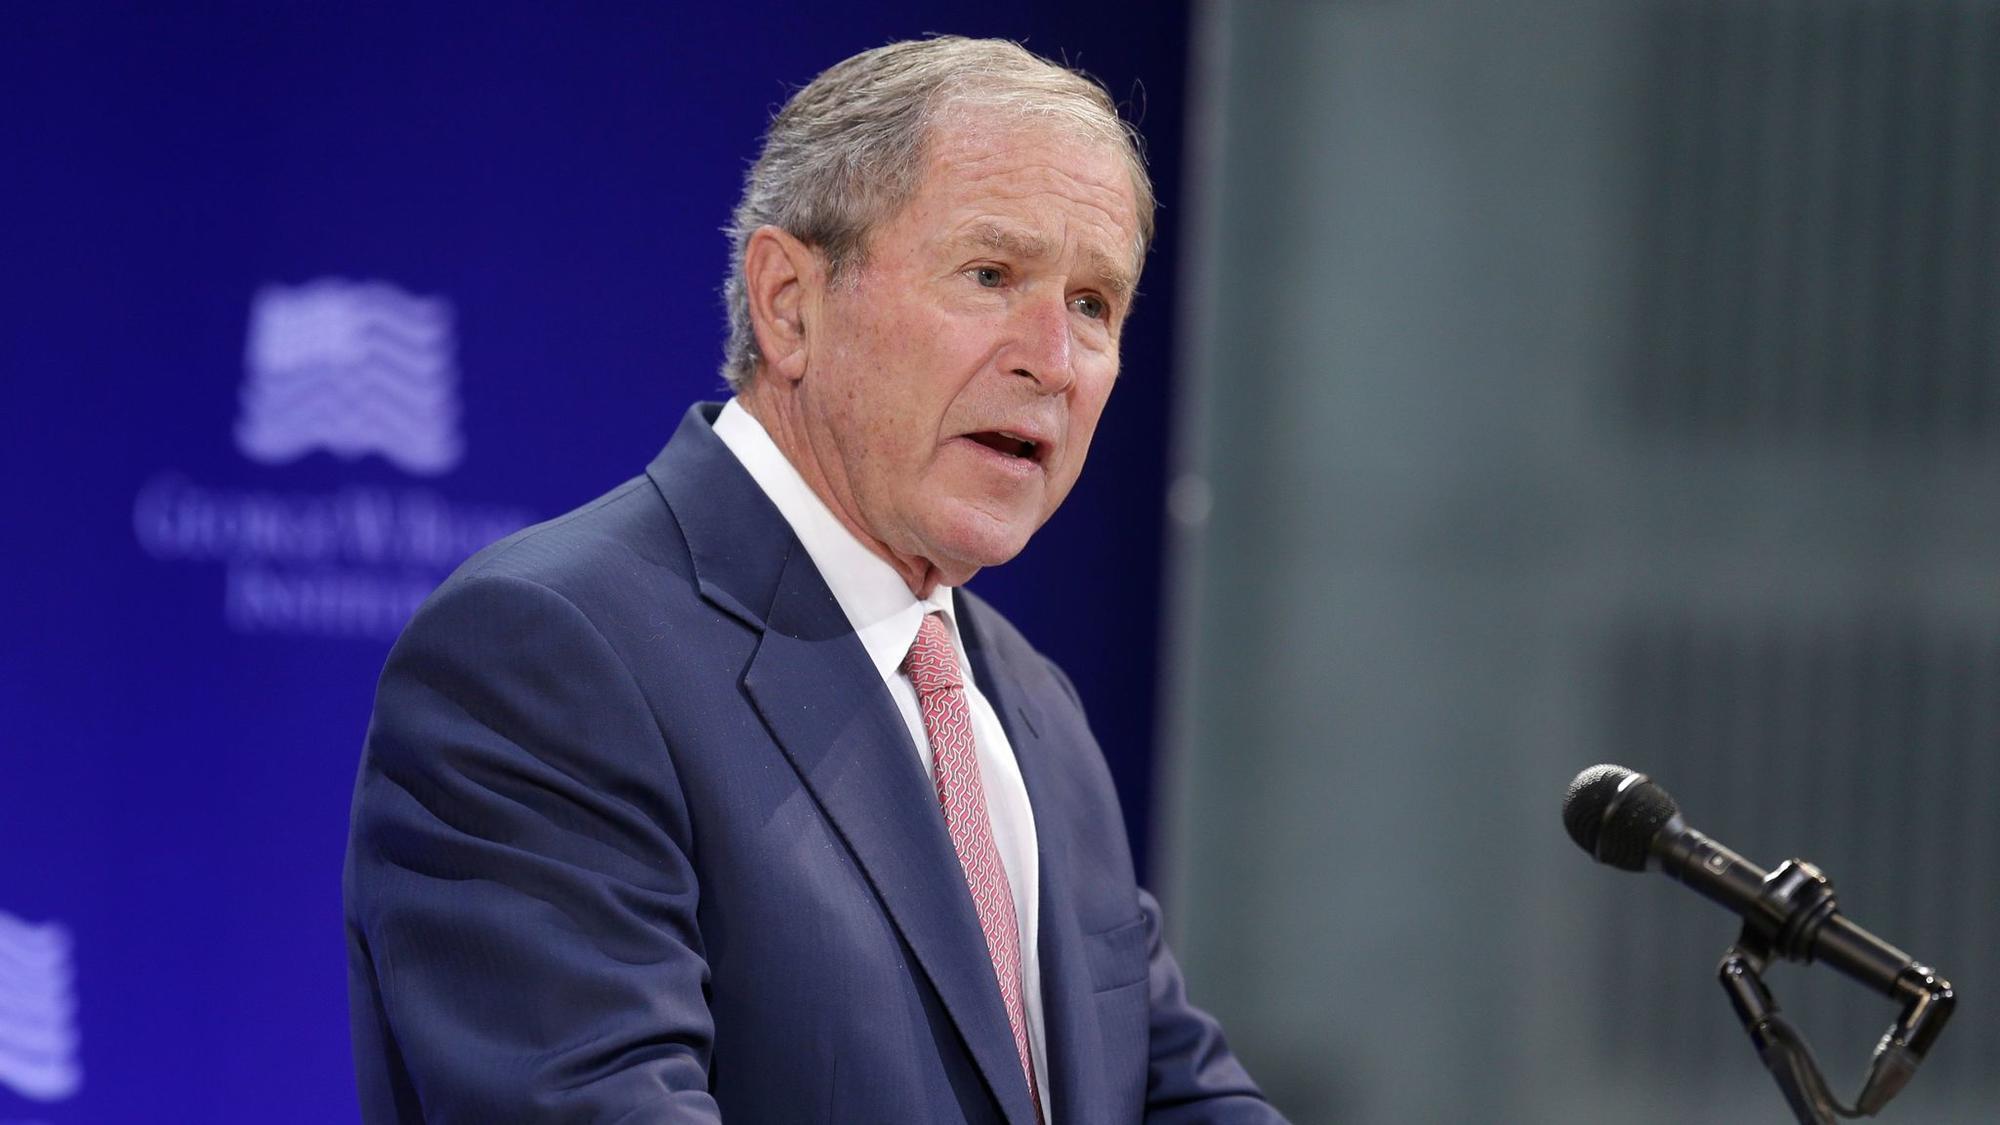 http://www.trbimg.com/img-59e93079/turbine/la-na-pol-trump-bush-speech-20171019